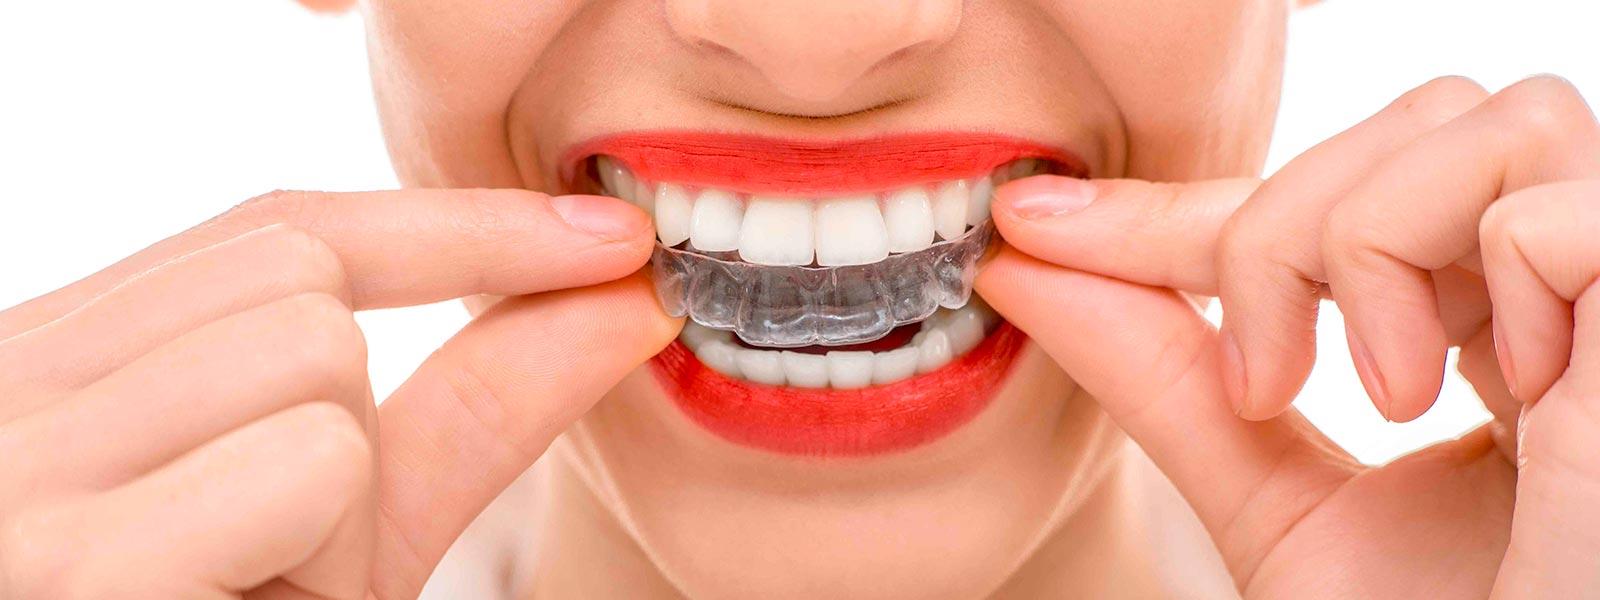 Ristabilire la corretta funzione della bocca